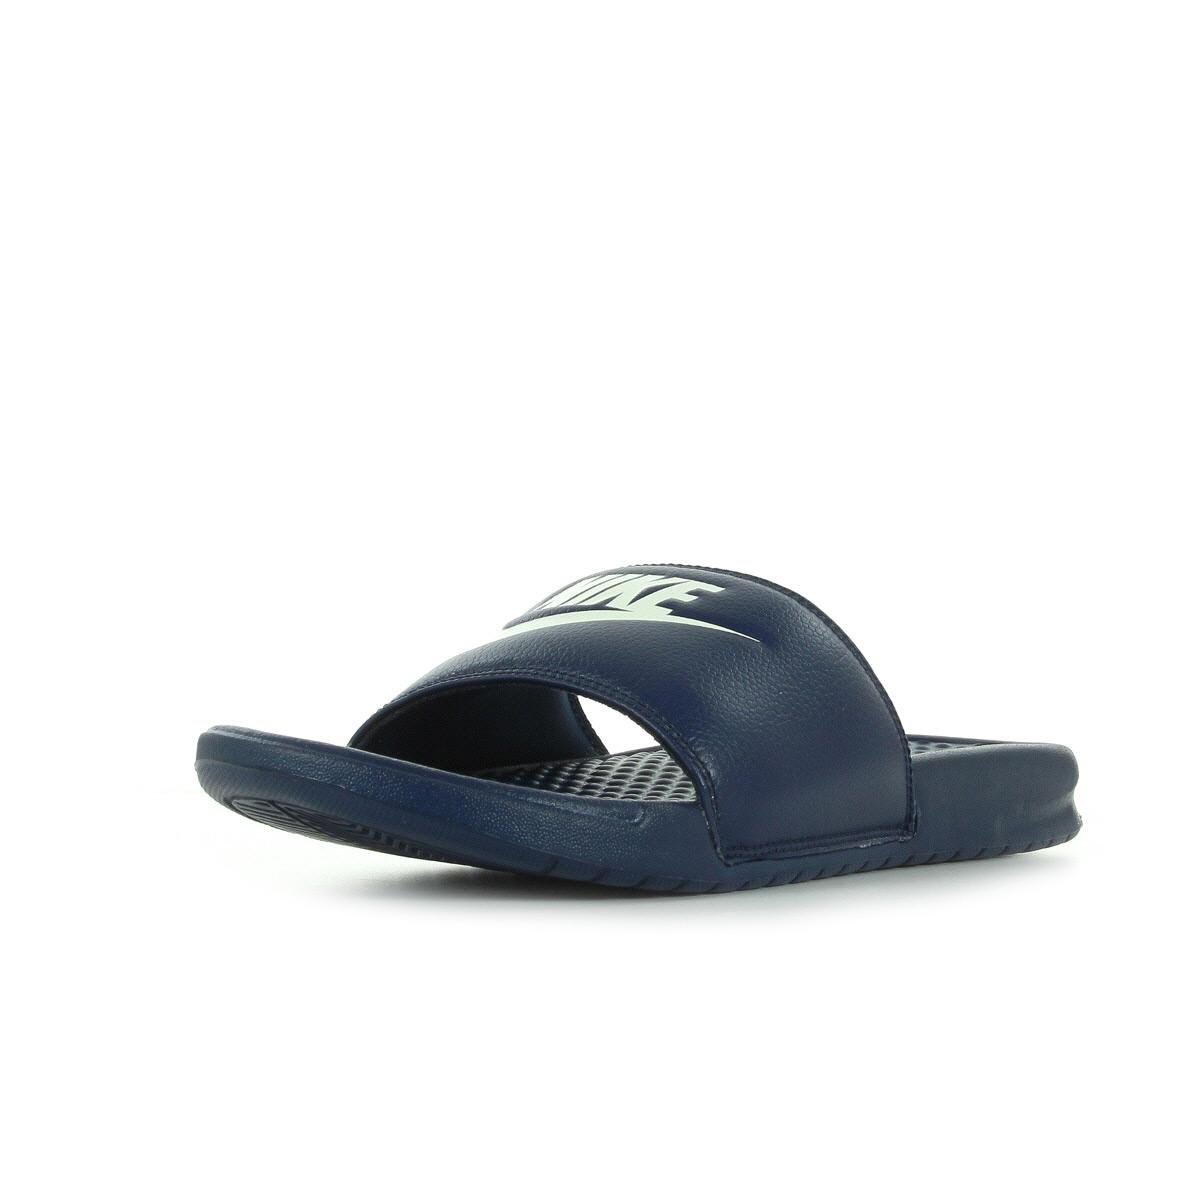 nike benassi jdi 343880403 sandales homme. Black Bedroom Furniture Sets. Home Design Ideas